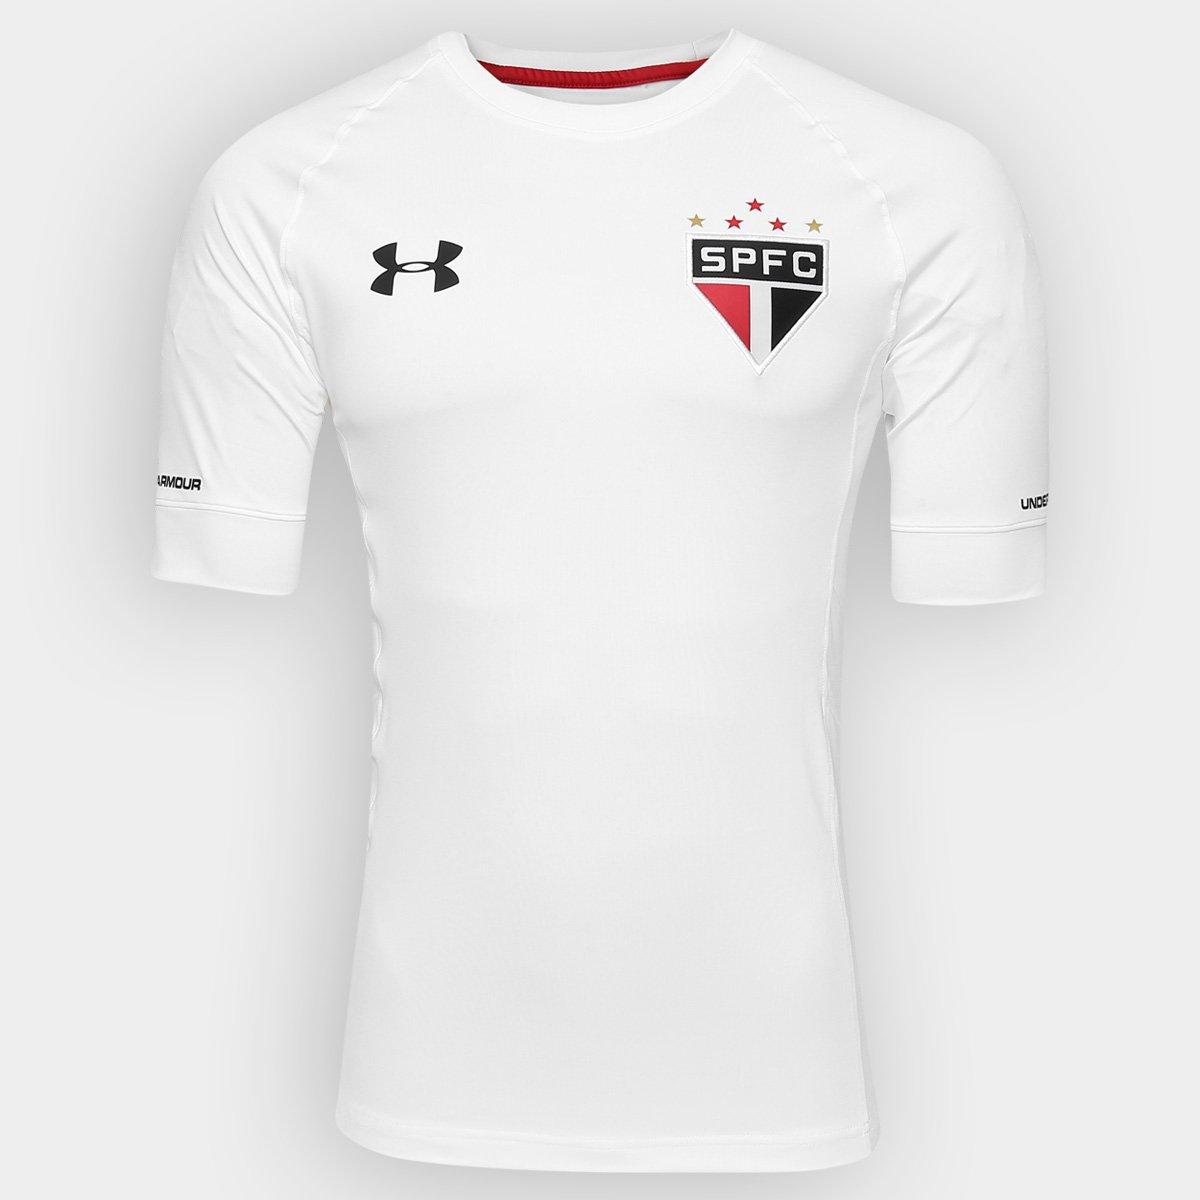 8b86c2514f7 Camisa Under Armour São Paulo Goleiro III 16 17 s nº - Jogador - Compre  Agora